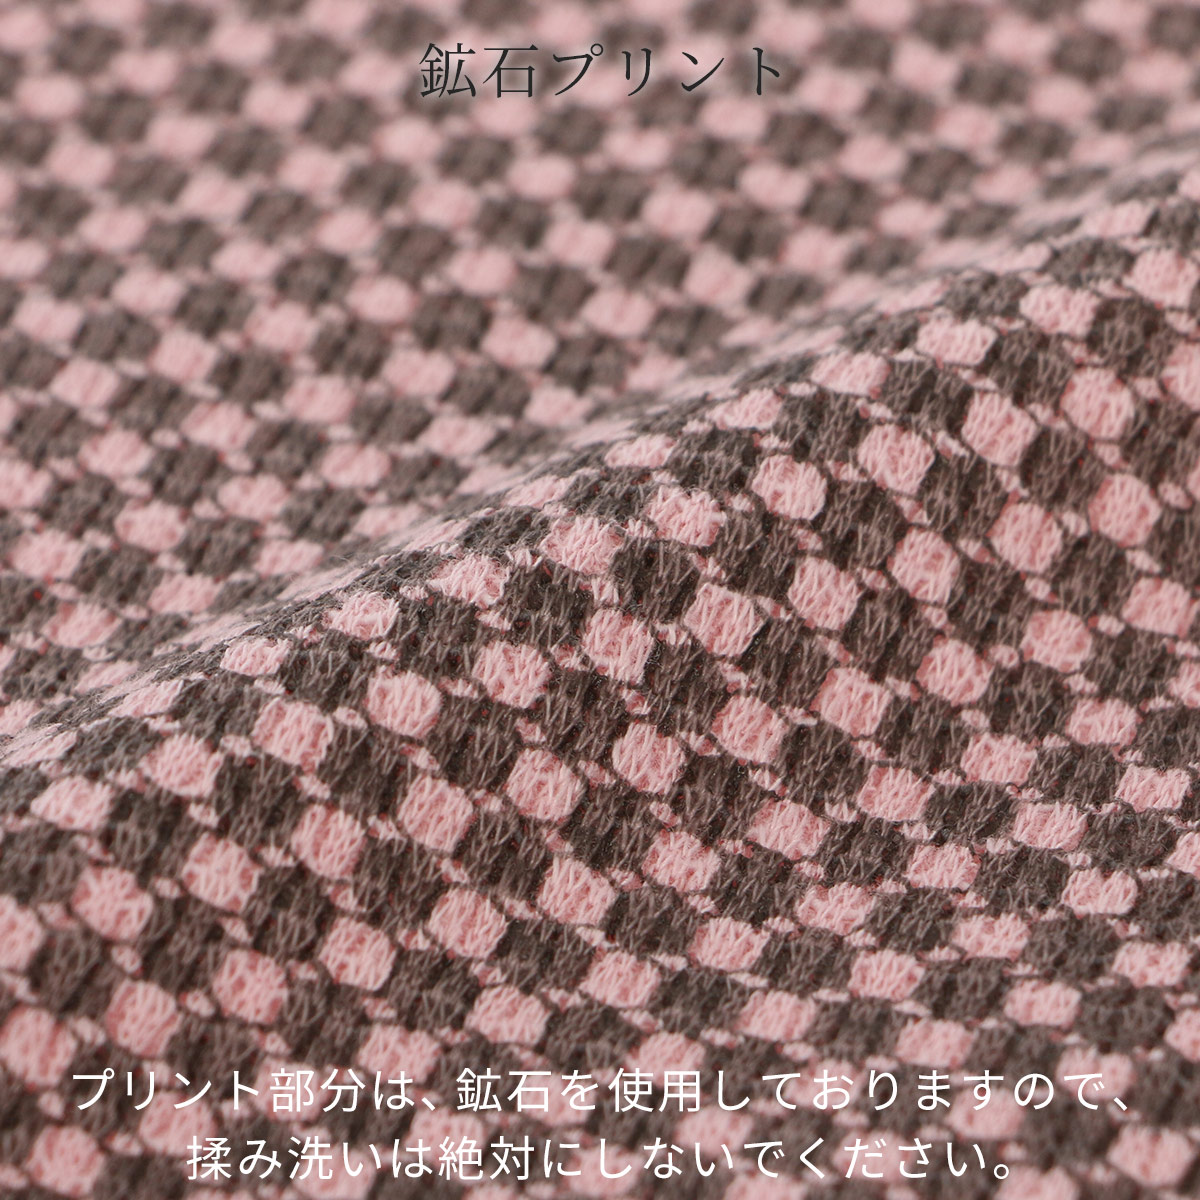 整 トトノ TOTONO TERAX CARETECT (テラックス ケアテクト) 一般医療機器 むくみ 冷え 疲れに 日本製 腹巻 レディース 女性 婦人 03915010